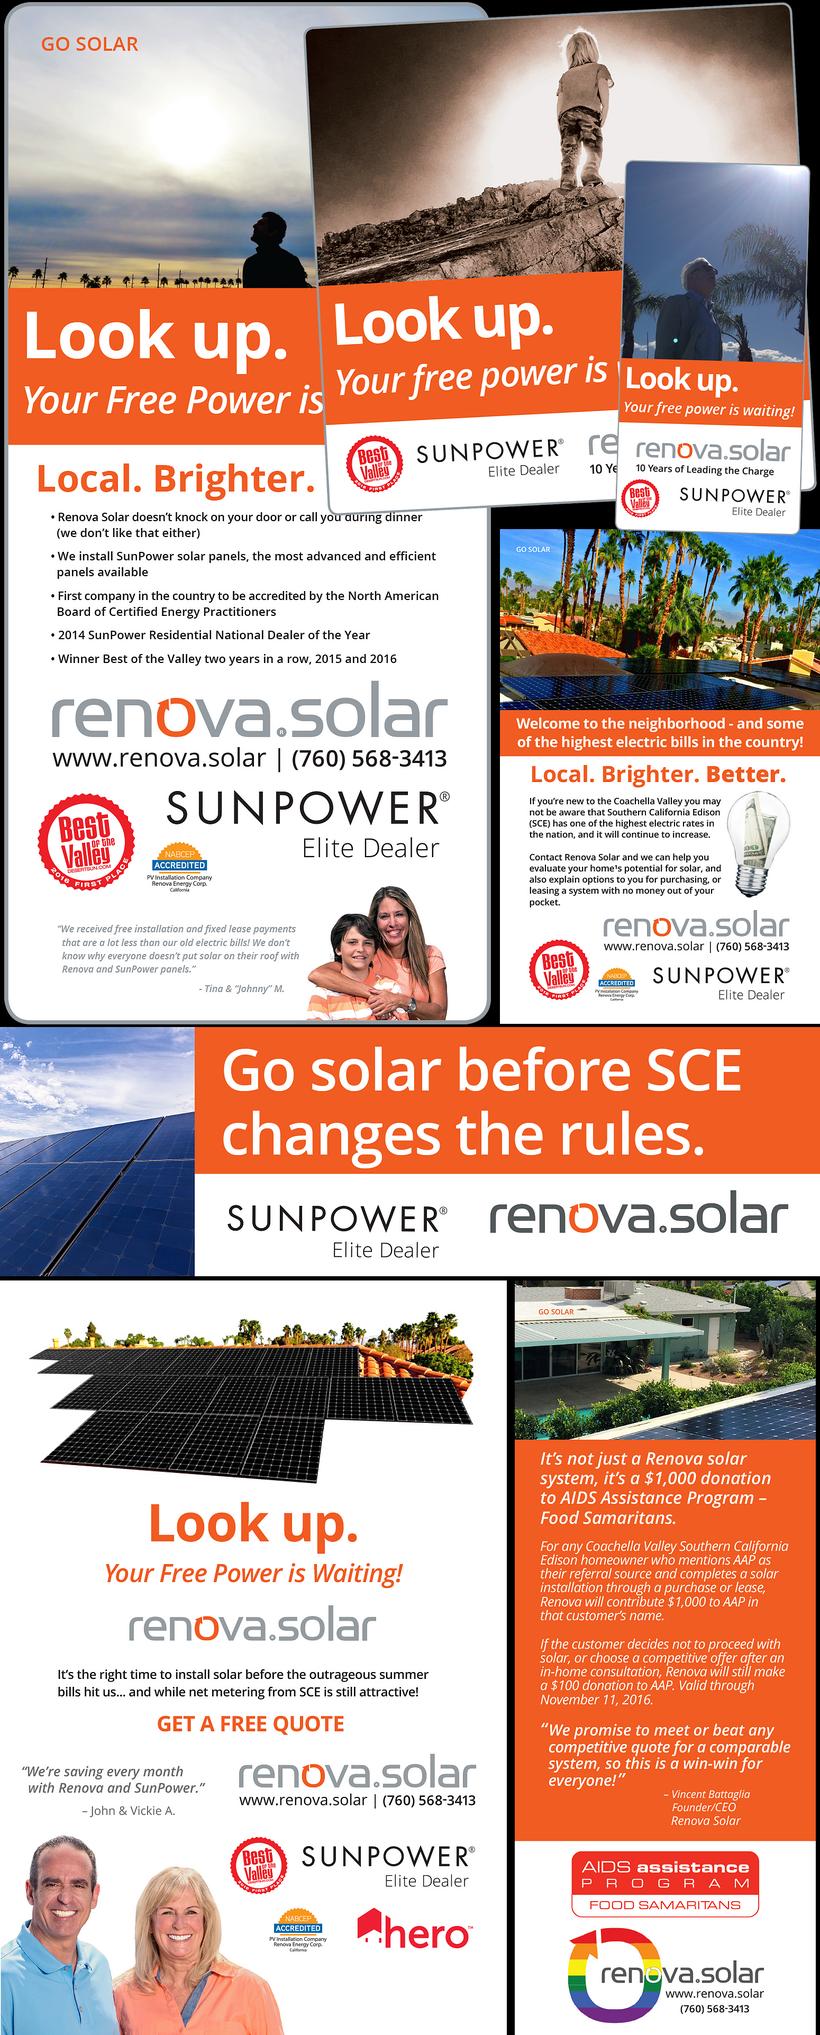 ehs renova solar 3